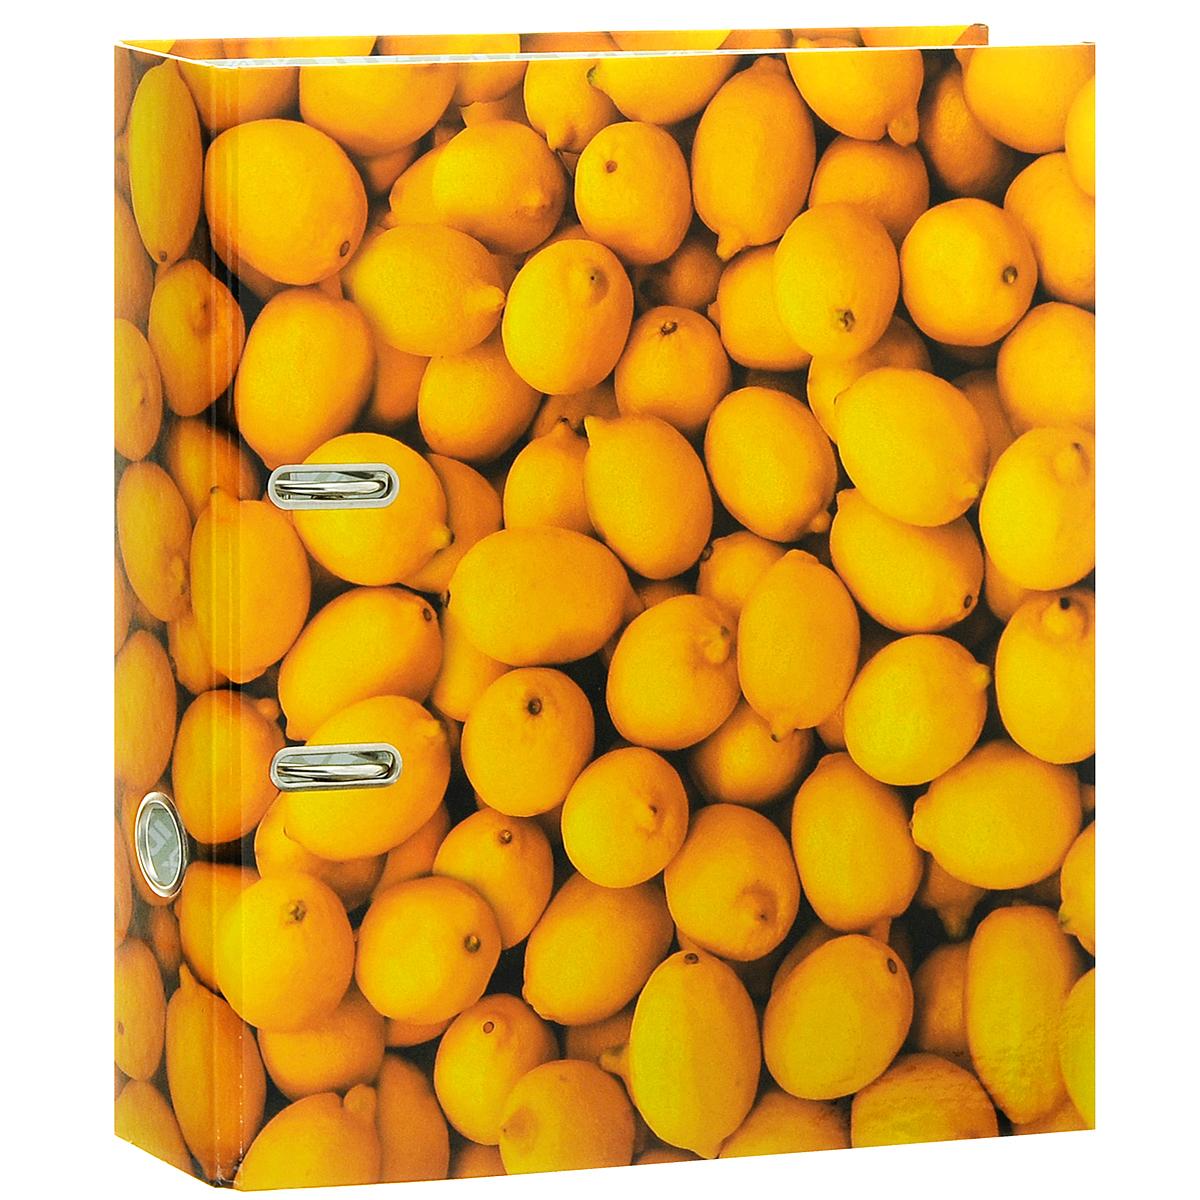 Папка-регистратор Index Лимон, ширина корешка 80 мм, цвет: желтый83475Папка-регистратор Index Лимон незаменима для работы с большими объемами бумаг дома и в офисе. Папка изготовлена из износостойкого высококачественного картона толщиной 2 мм, имеет ламинацию как снаружи, так и внутри. Папка оснащена прочным металлическим арочным механизмом, обеспечивающим надежную фиксацию перфорированных бумаг и документов формата А4. Для папки используется фурнитура только европейского производства. На торце папки расположено металлическое кольцо для удобства использования. Обложка папки оформлена красочным изображением спелых лимонов.Папка-регистратор станет вашим надежным помощником, она упростит работу с бумагами и документами и защитит их от повреждения, пыли и влаги.